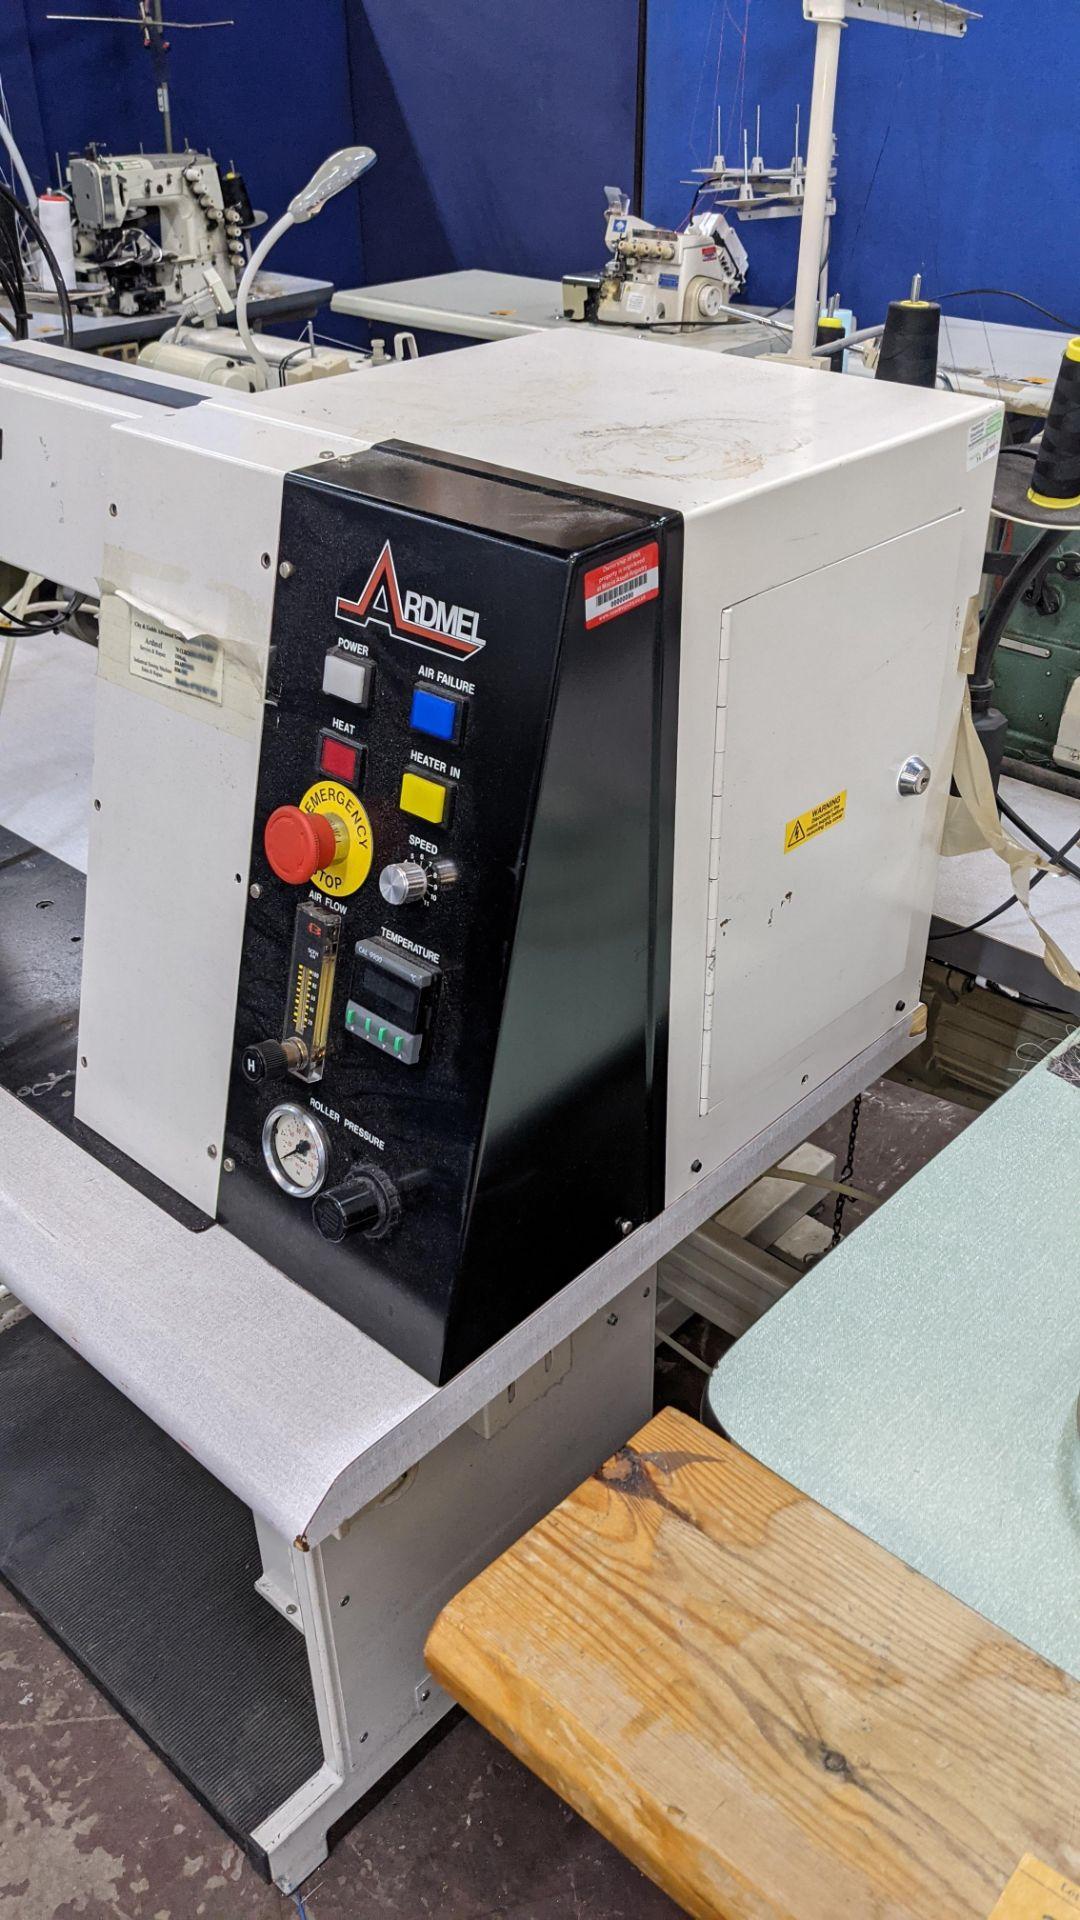 Ardmel seam sealing machine - Image 5 of 18